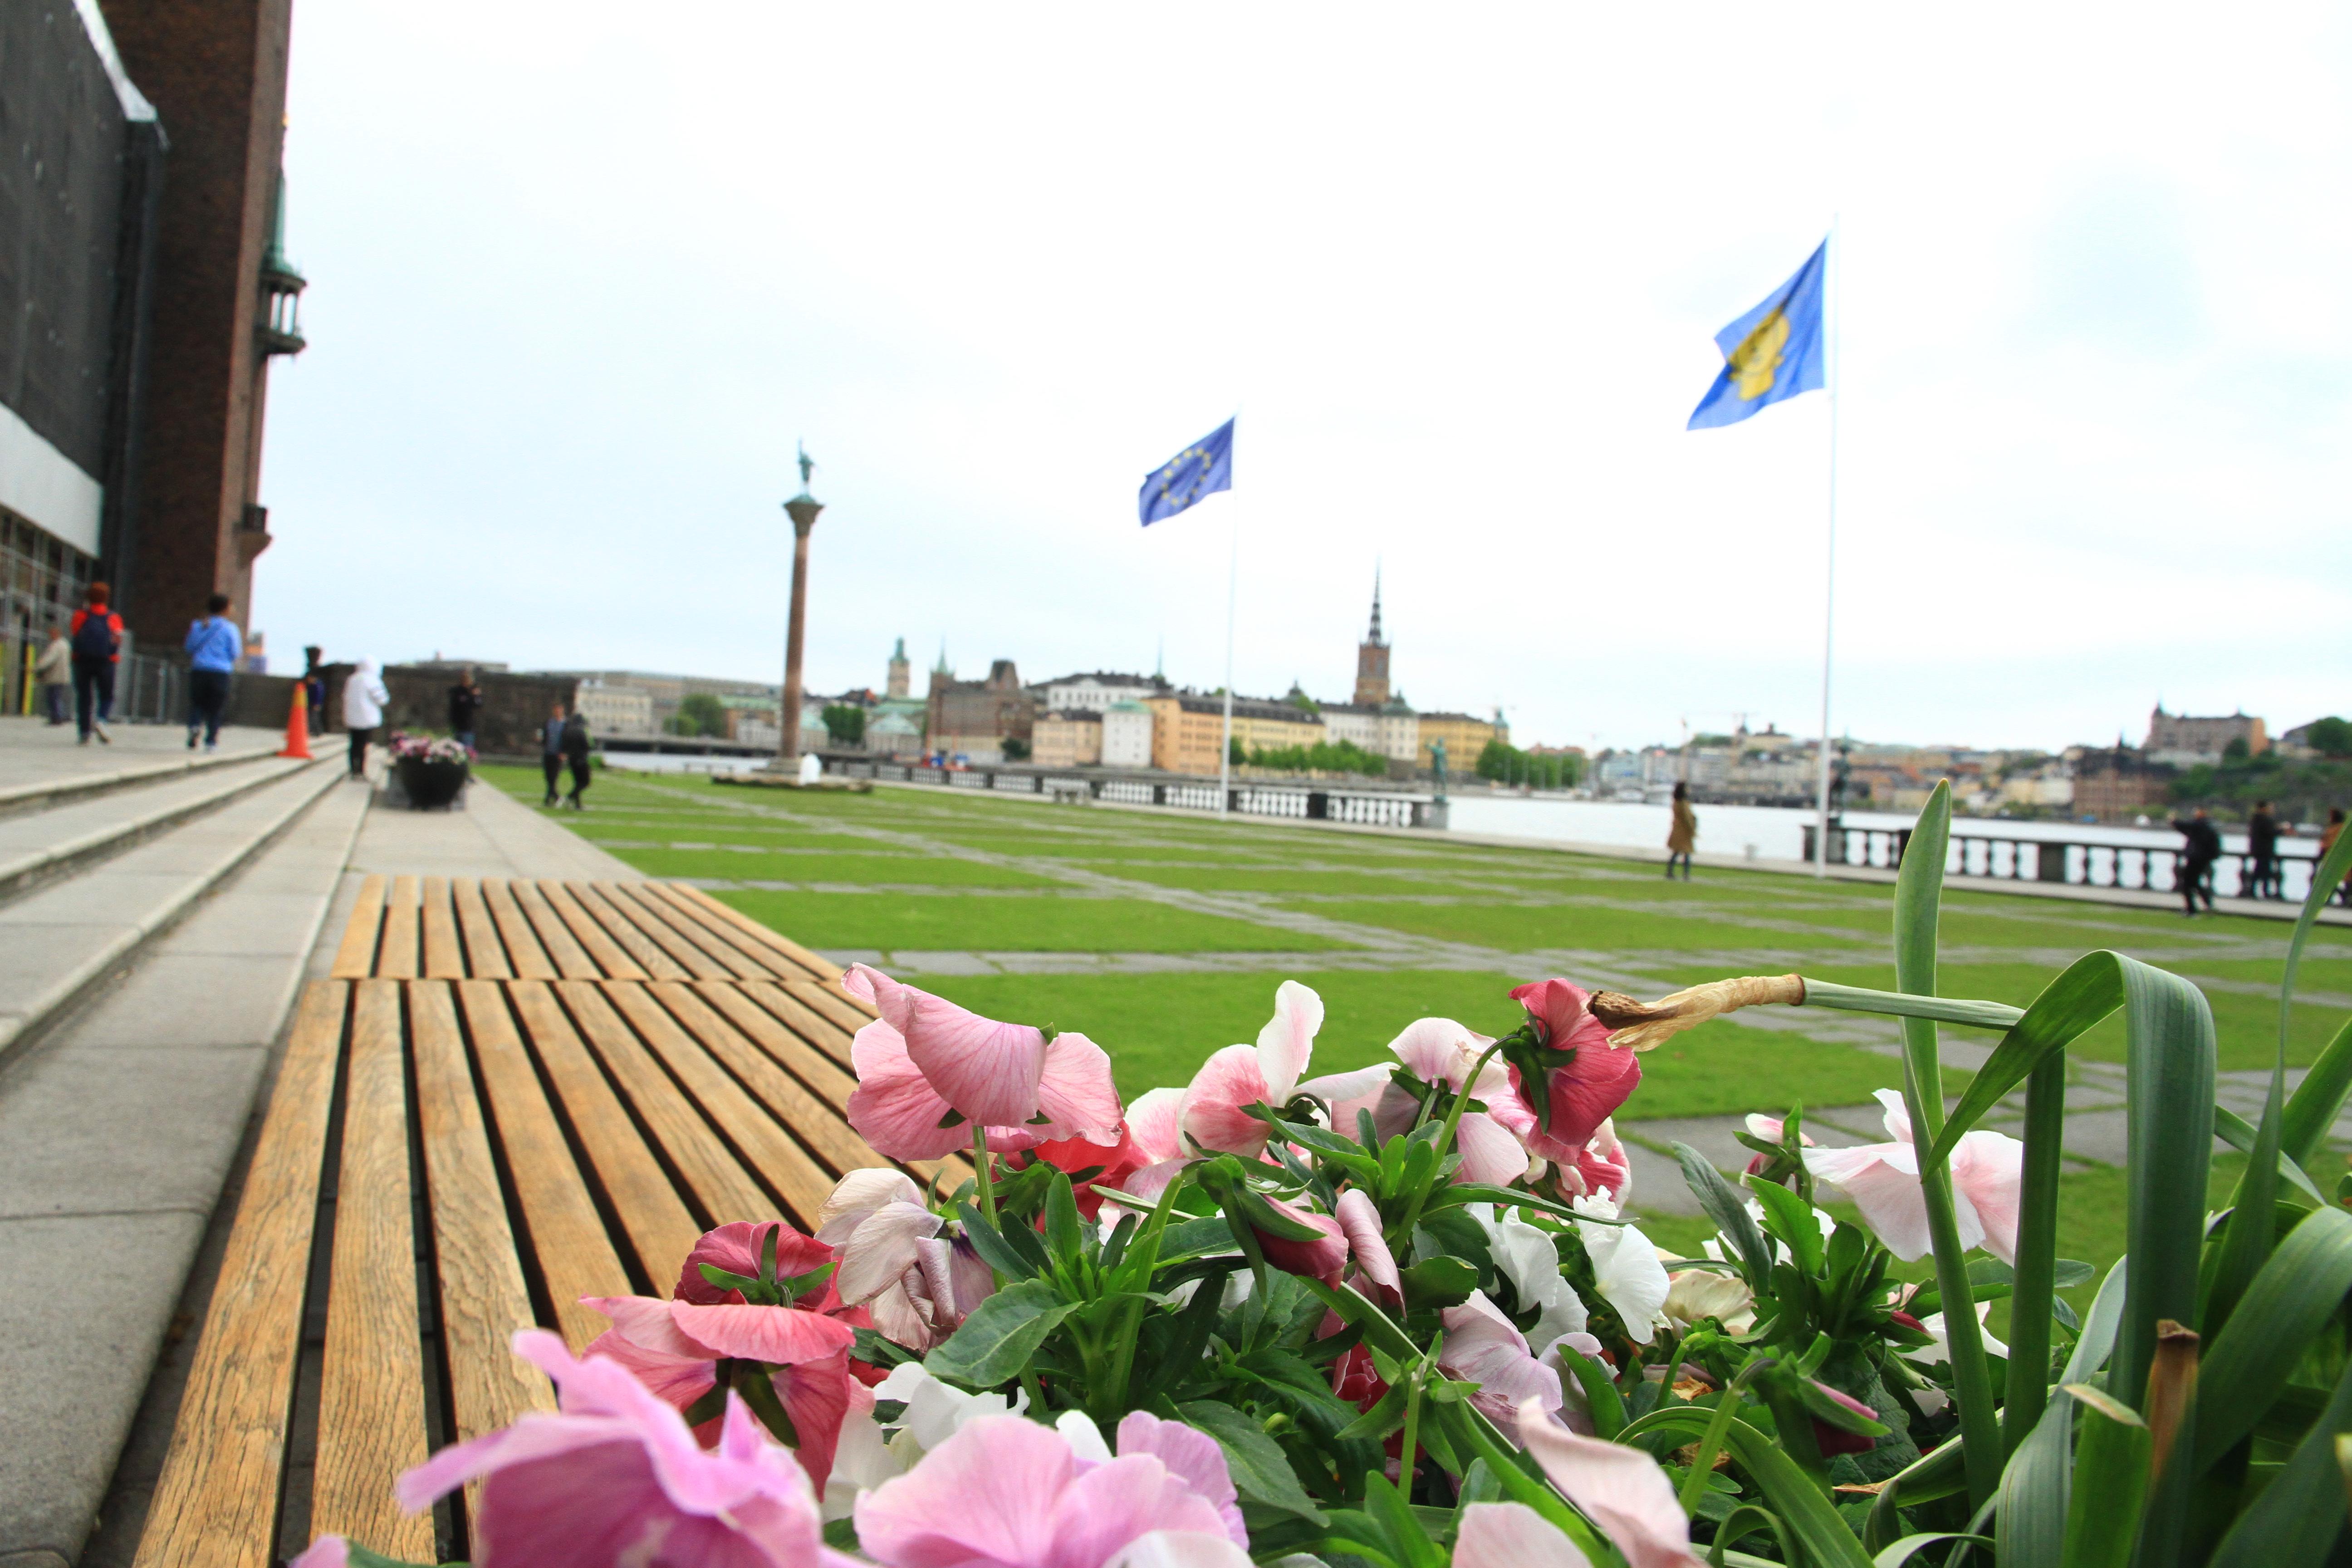 133、瑞典斯德哥尔摩:市政厅广场草坪和梅拉伦湖